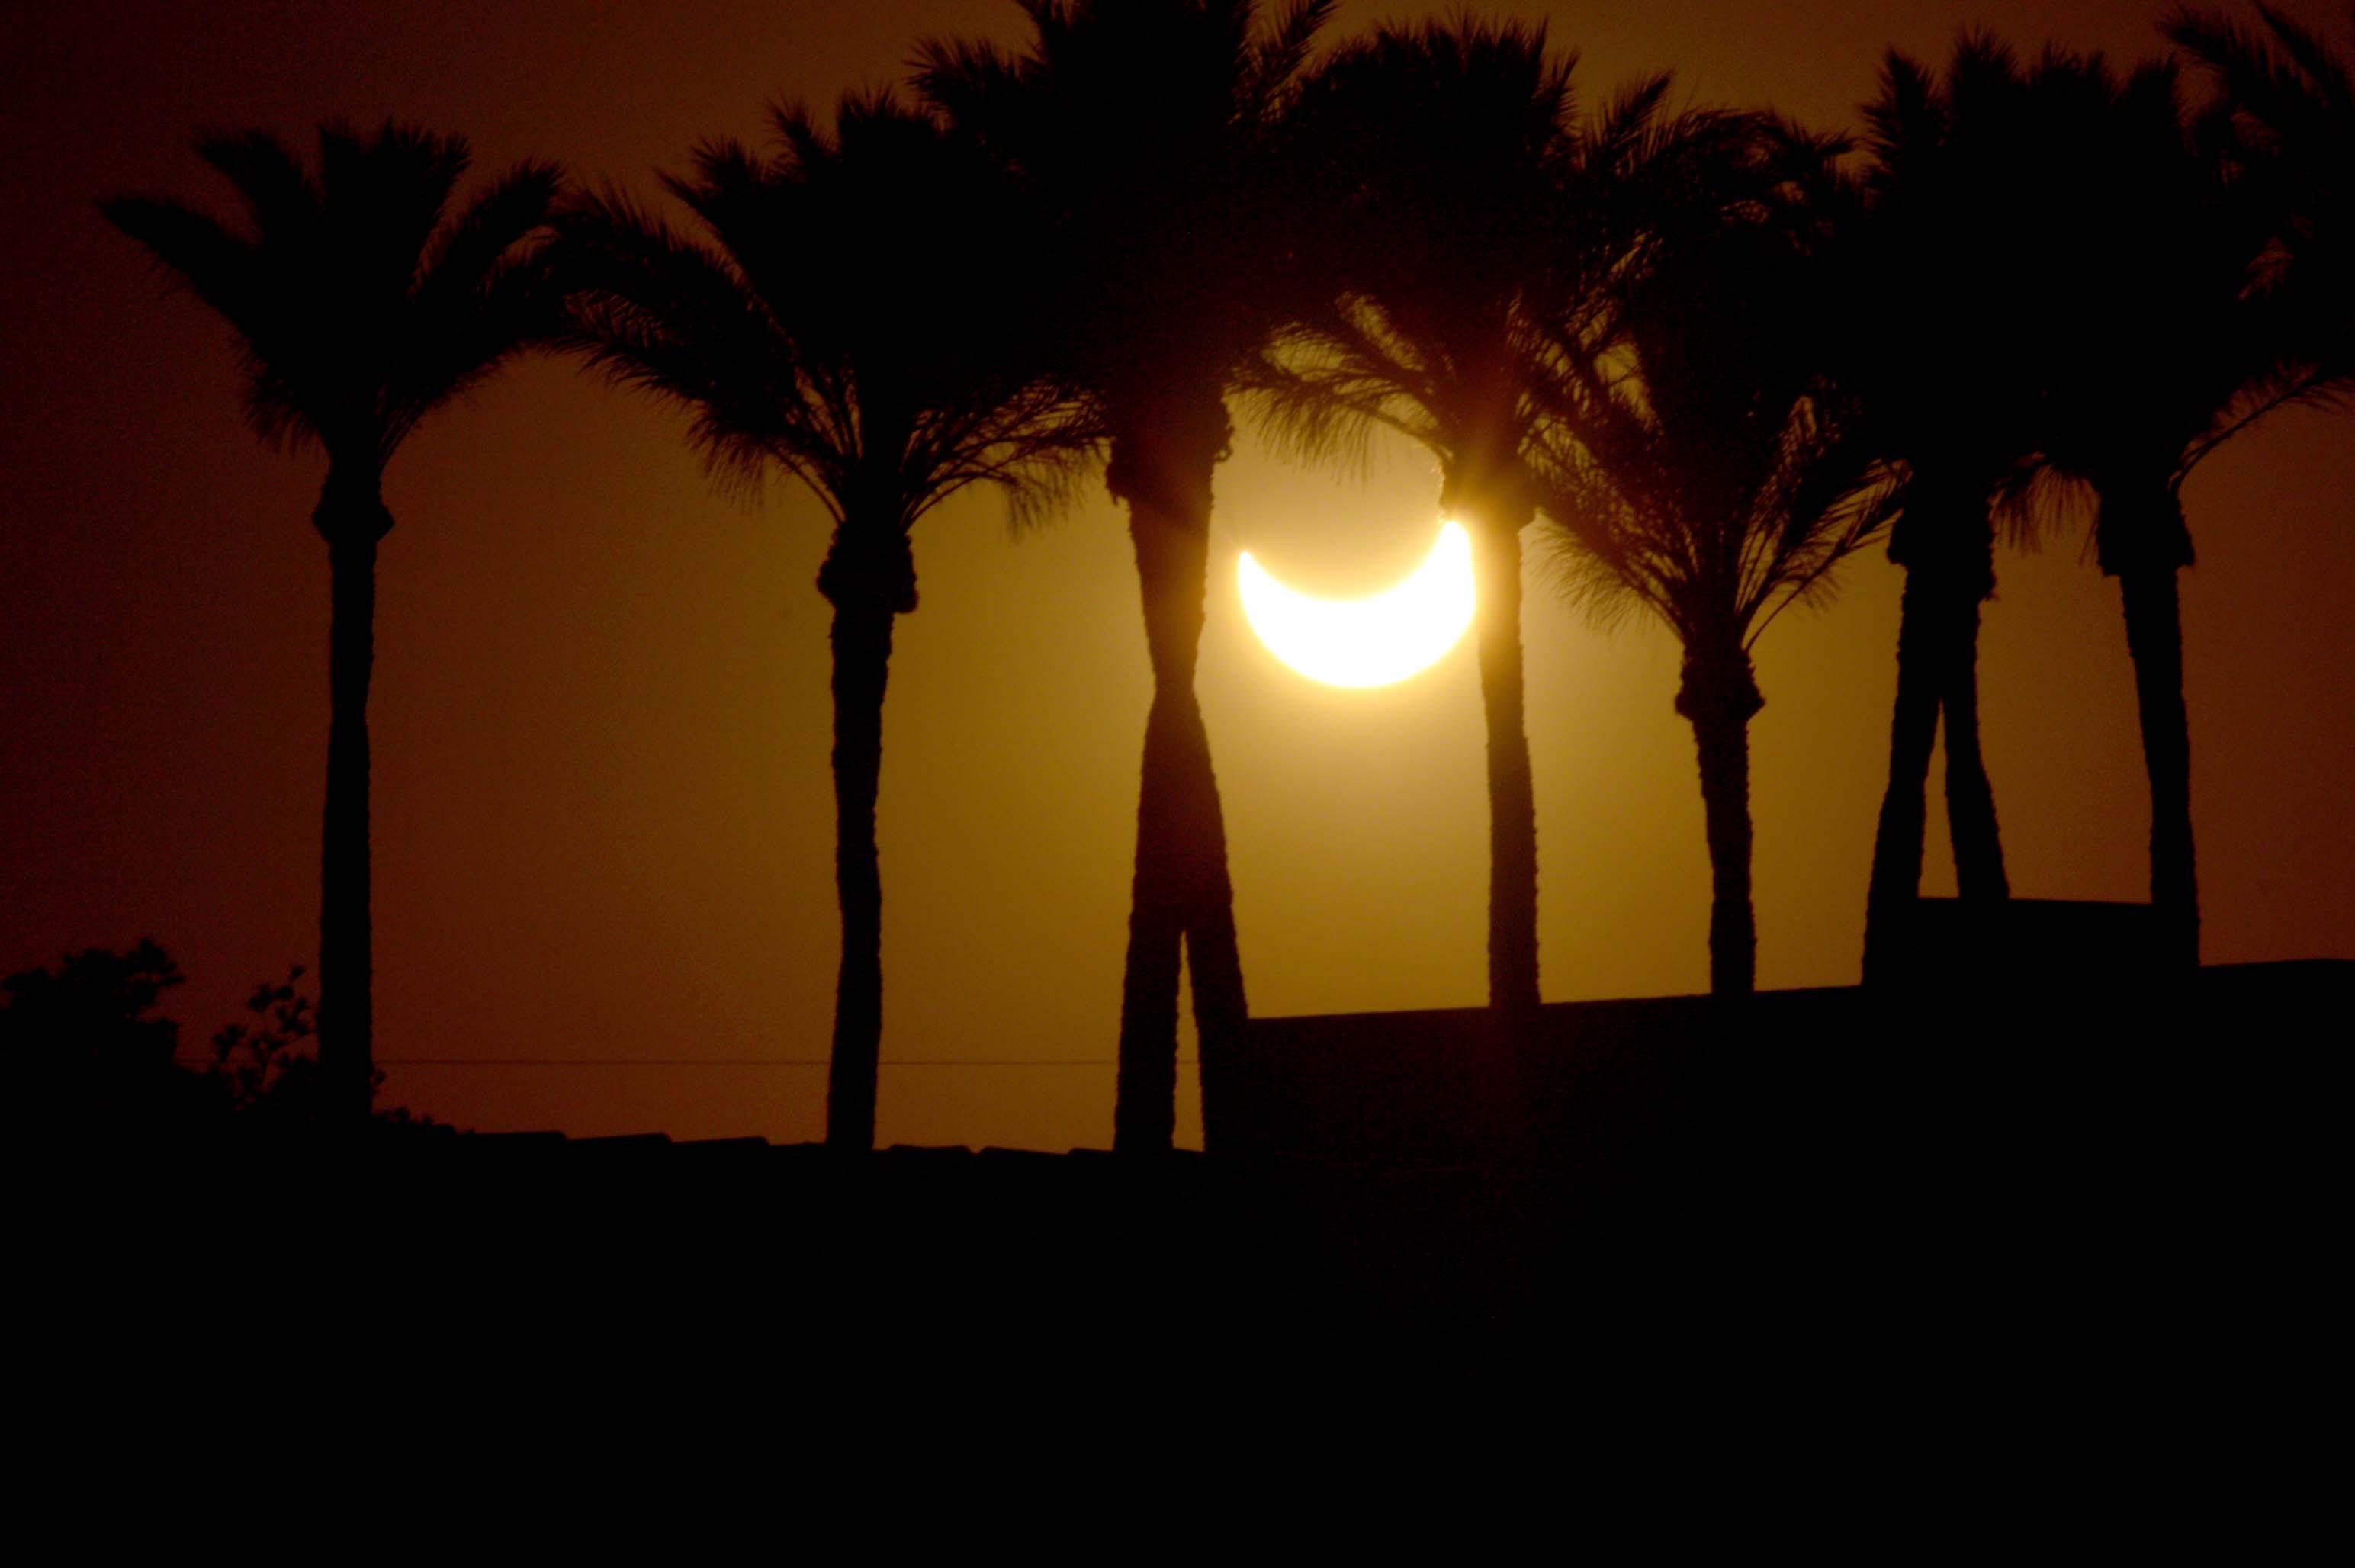 Eclipse Among Palms